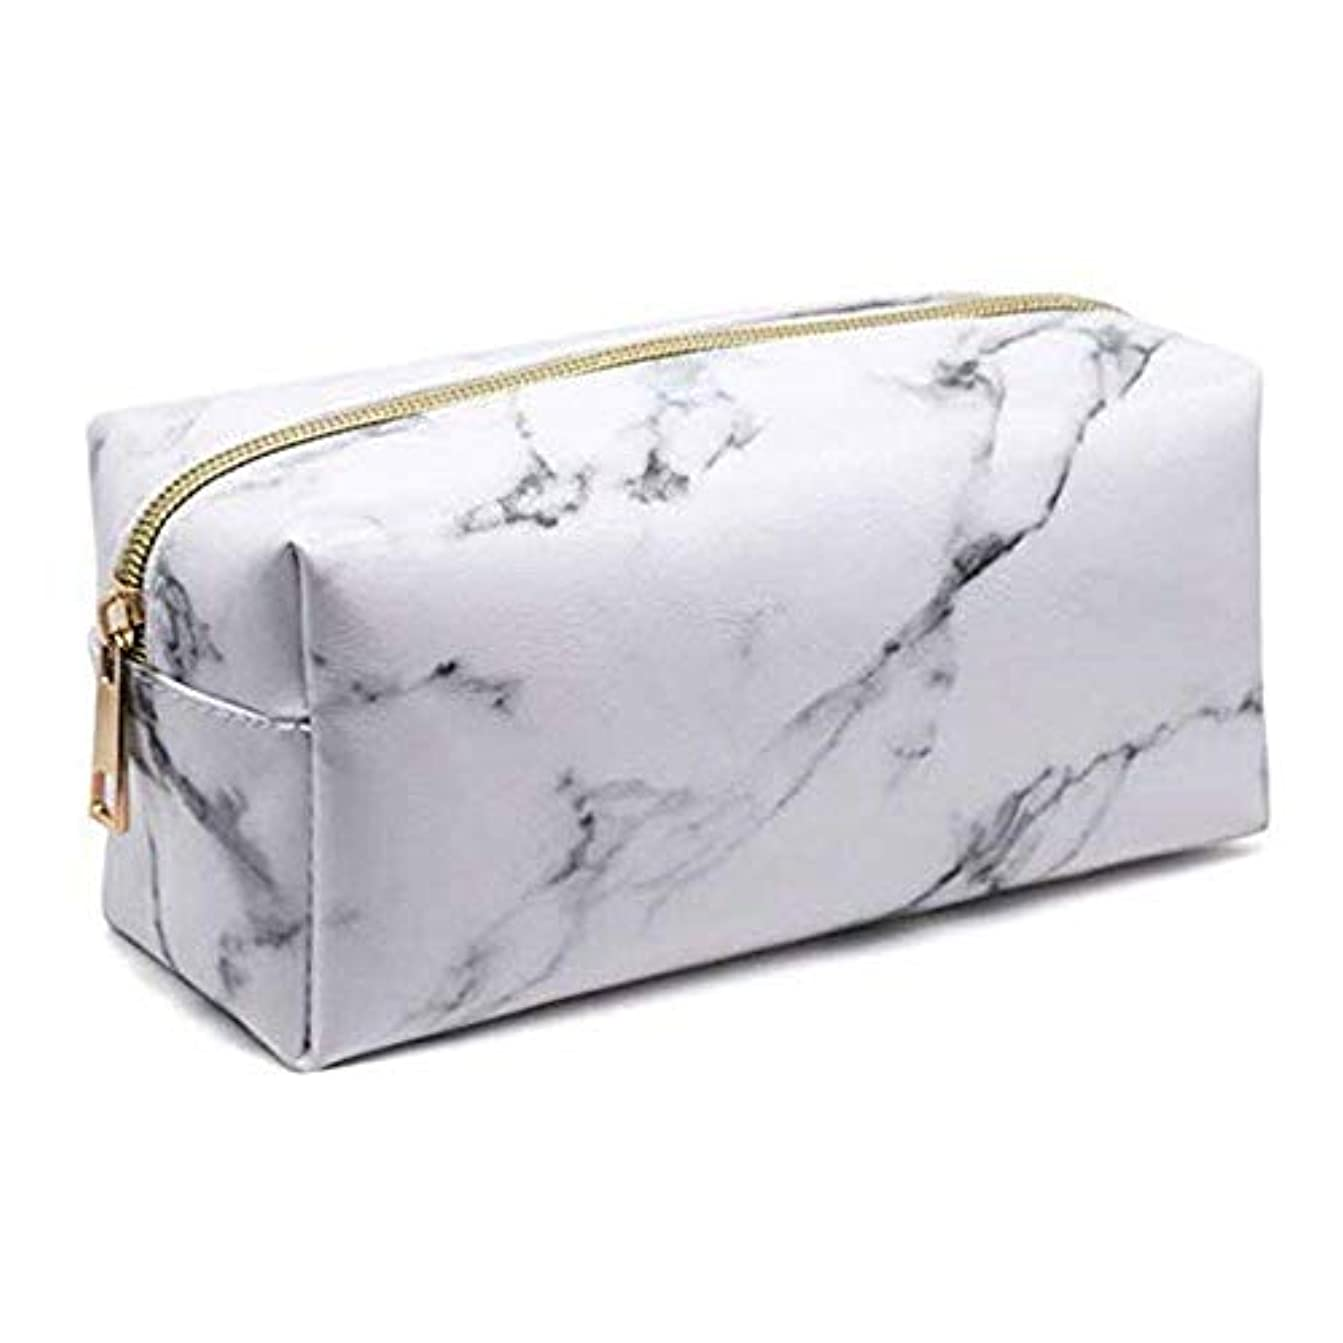 人差し指責ブルPichidr-JP 化粧品袋化粧品袋ゴールドジッパー旅行ウォッシュバッグ化粧品収納袋付き屋外